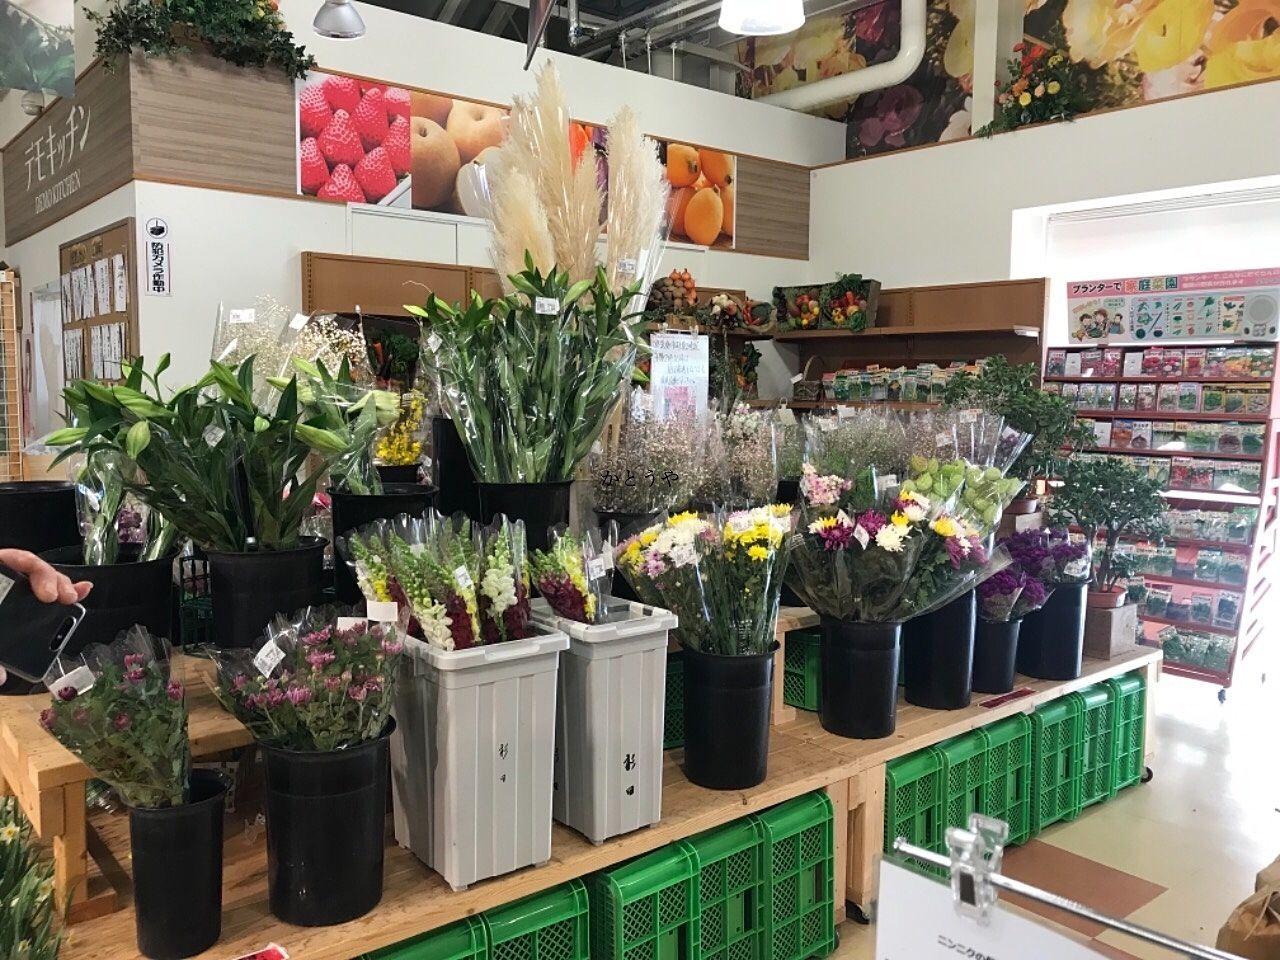 南房総はお花も有名です。